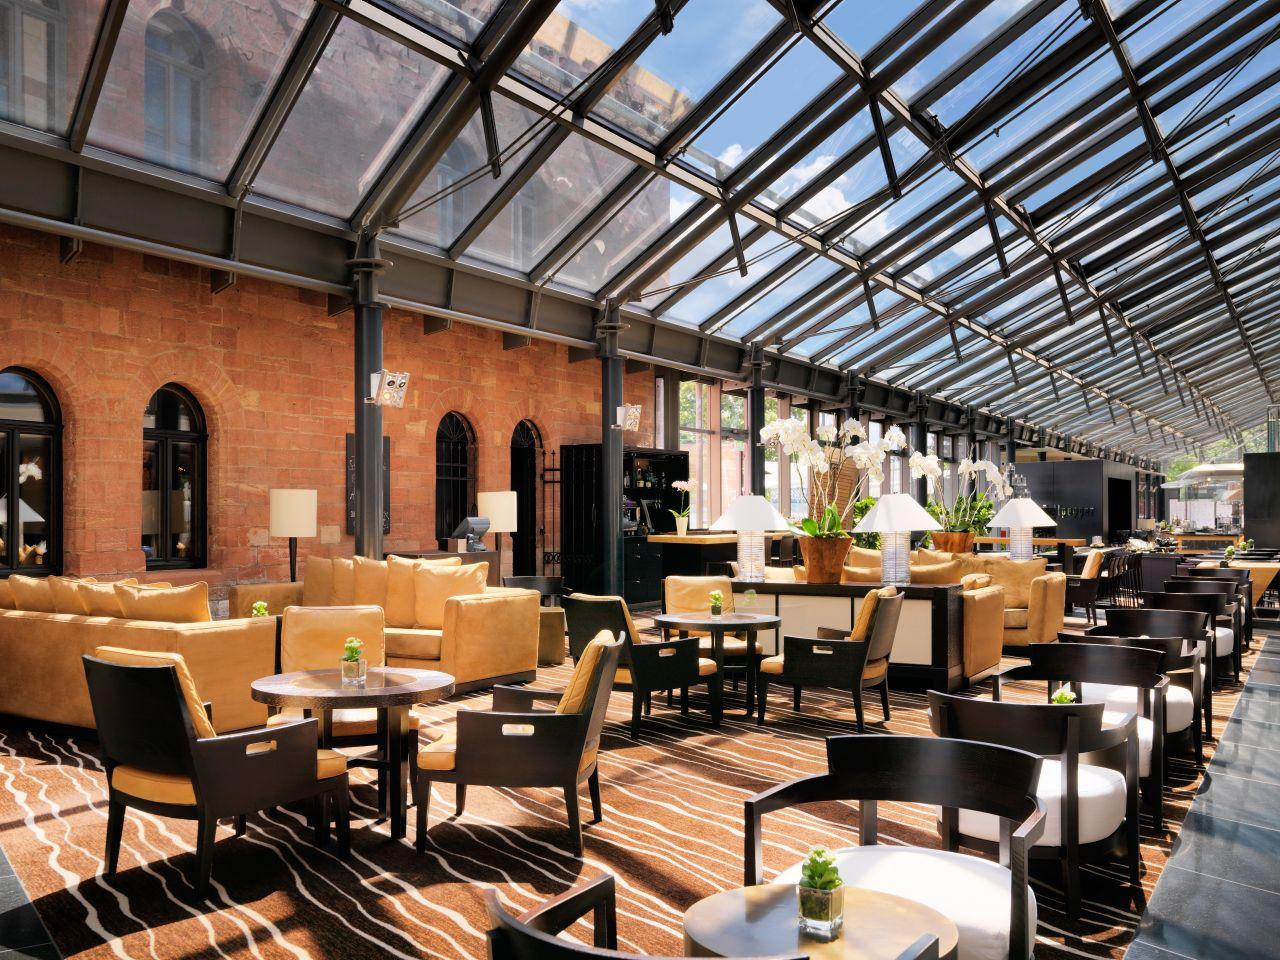 Restaurants in Mainz | Bellpepper, Malakoff Bar, Biergarten